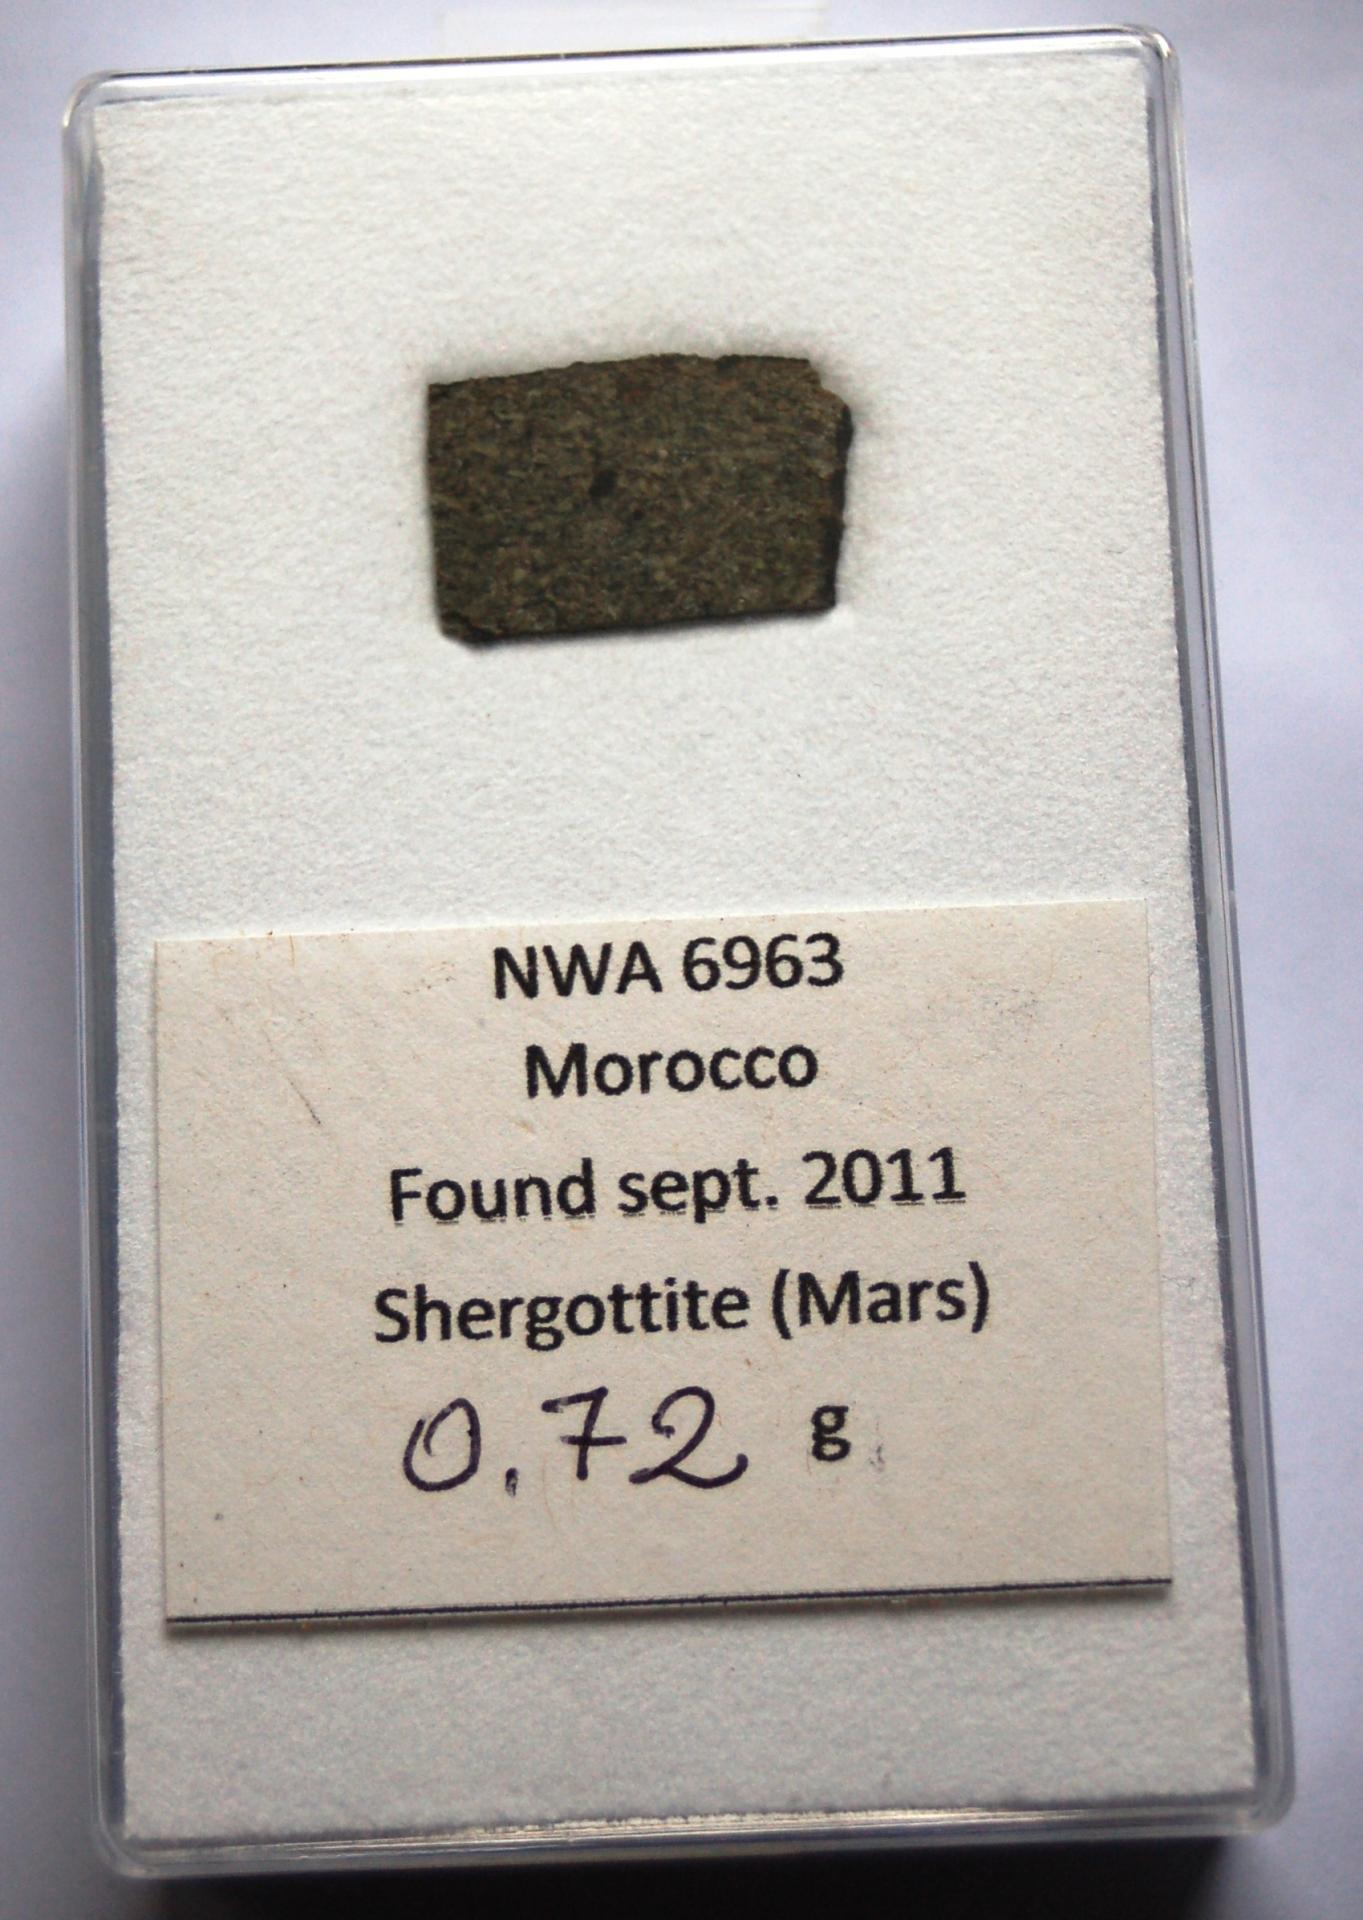 Nwa6963